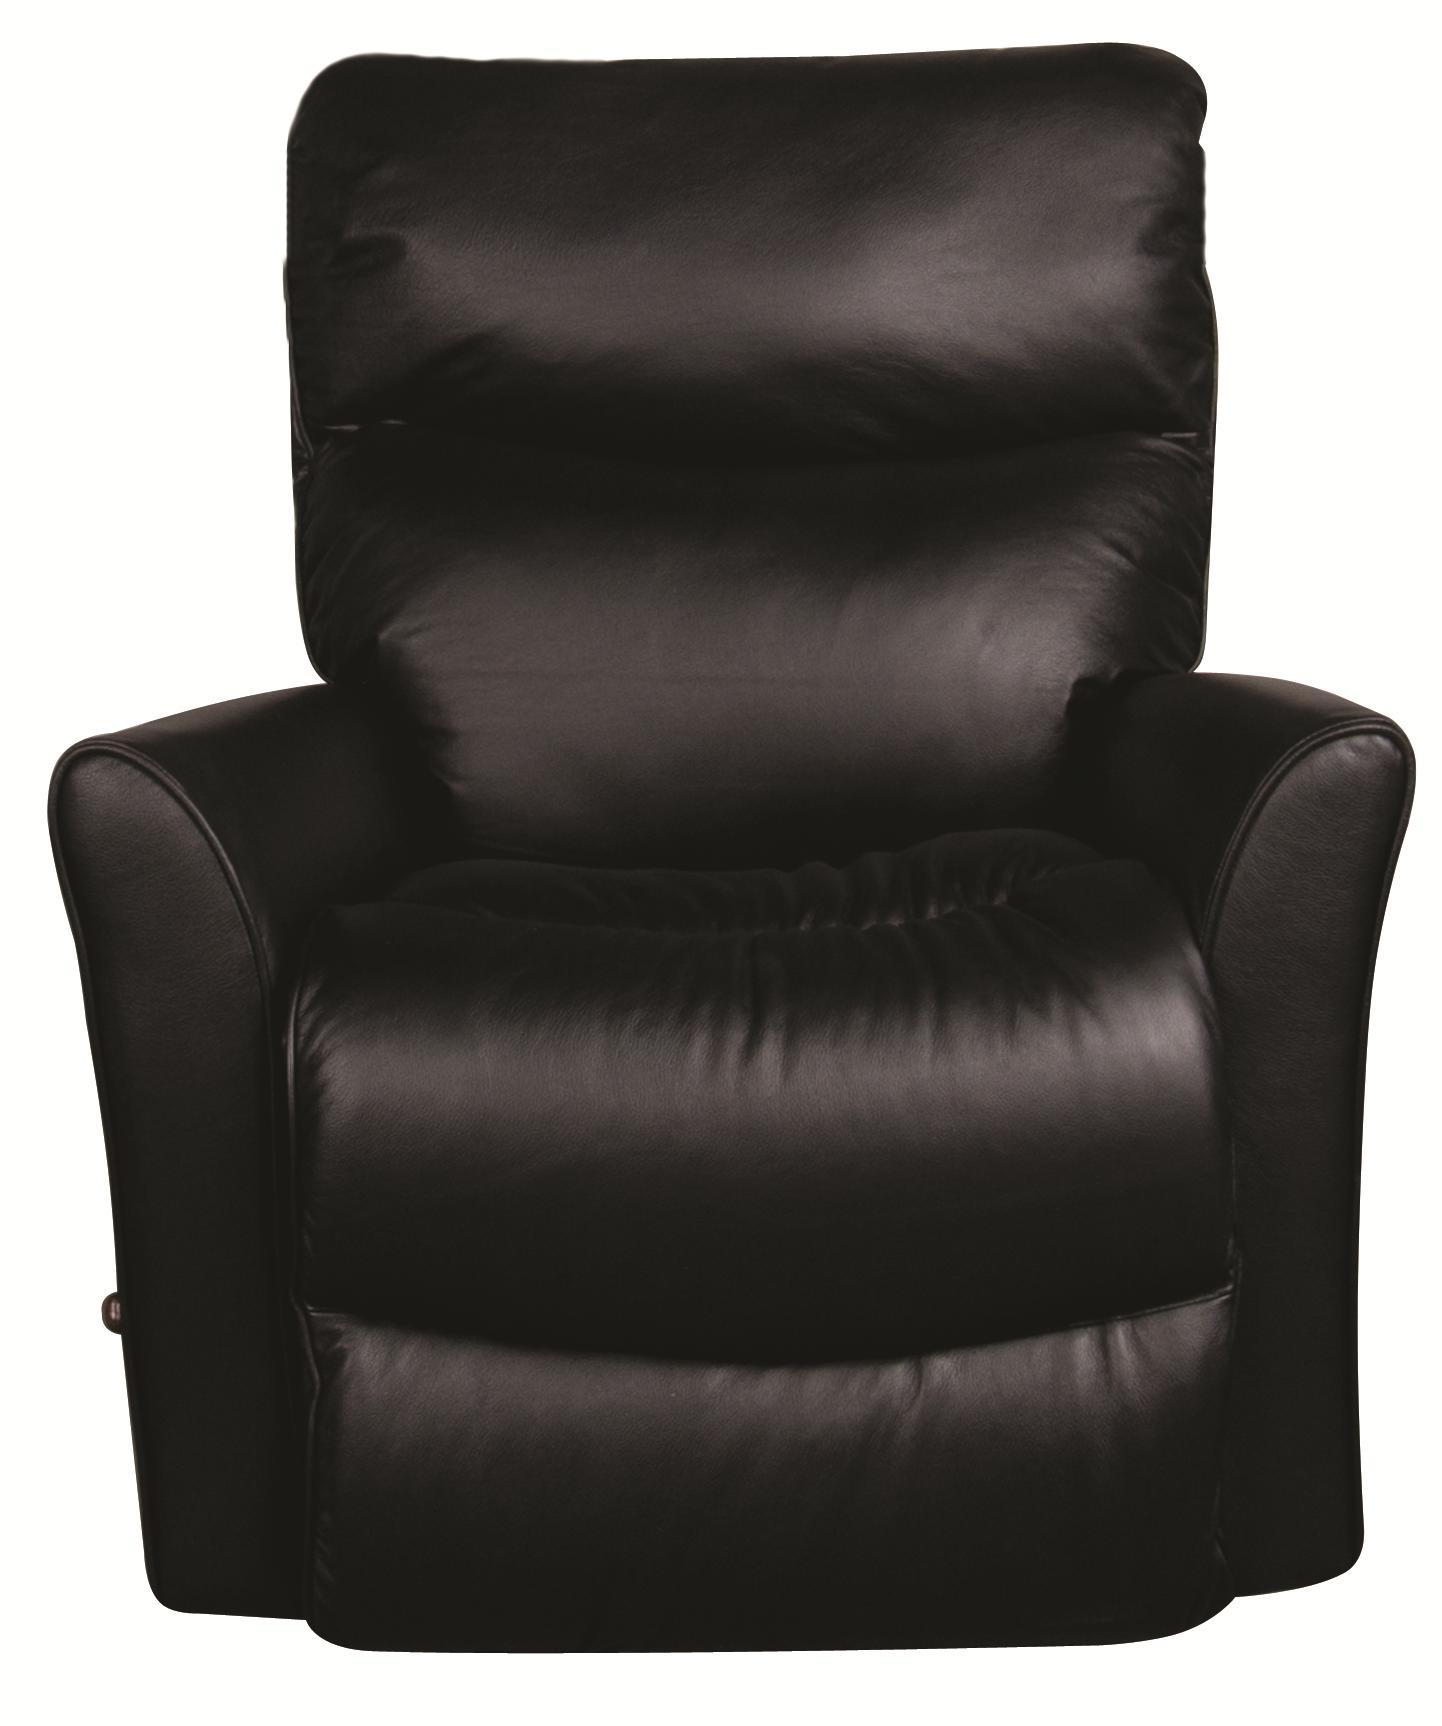 La-Z-Boy Rowan Rowan Leather-Match* Rocker Recliner - Item Number: 192838690